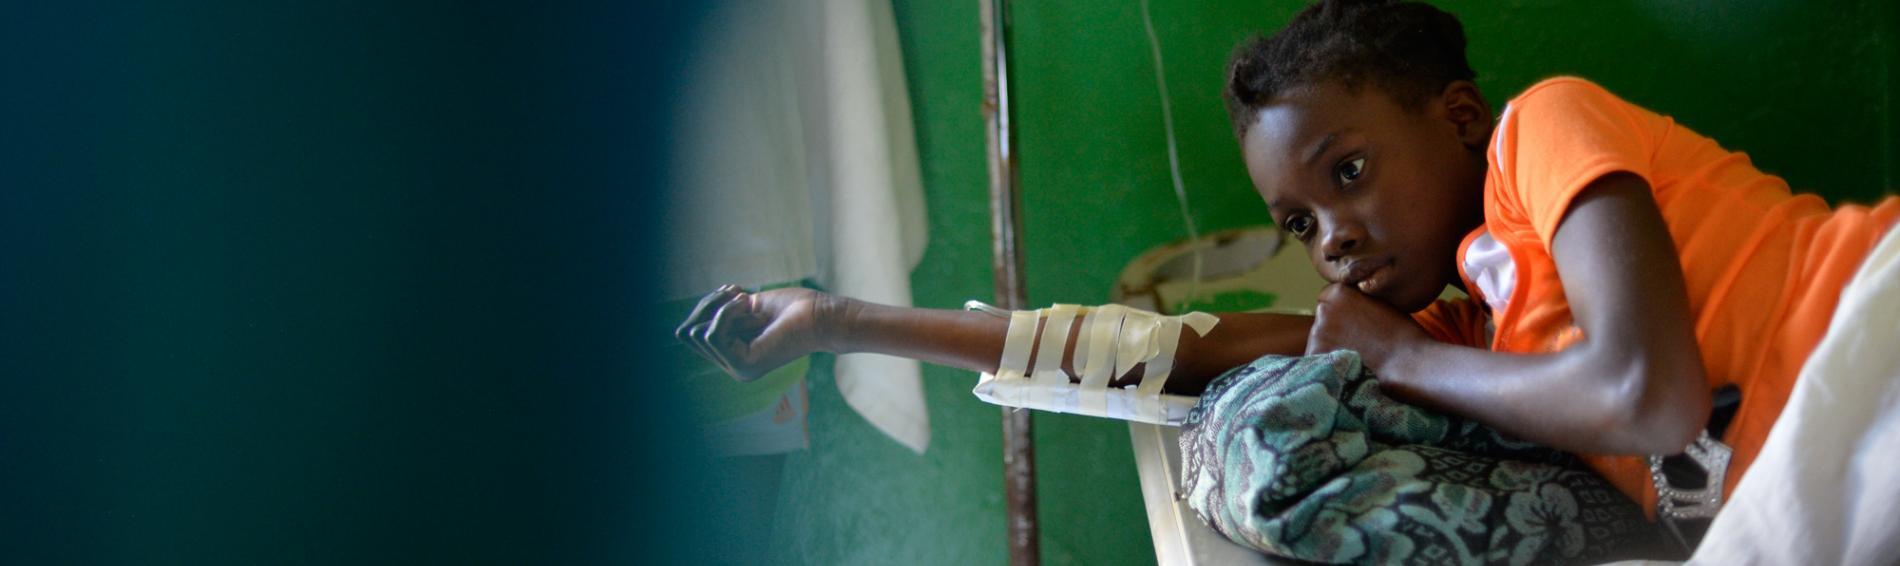 Ein Mädchen erhält eine Behandlung gegen die Cholera im Ärzte der Welt Zentrum. Foto: Benoît Guénot